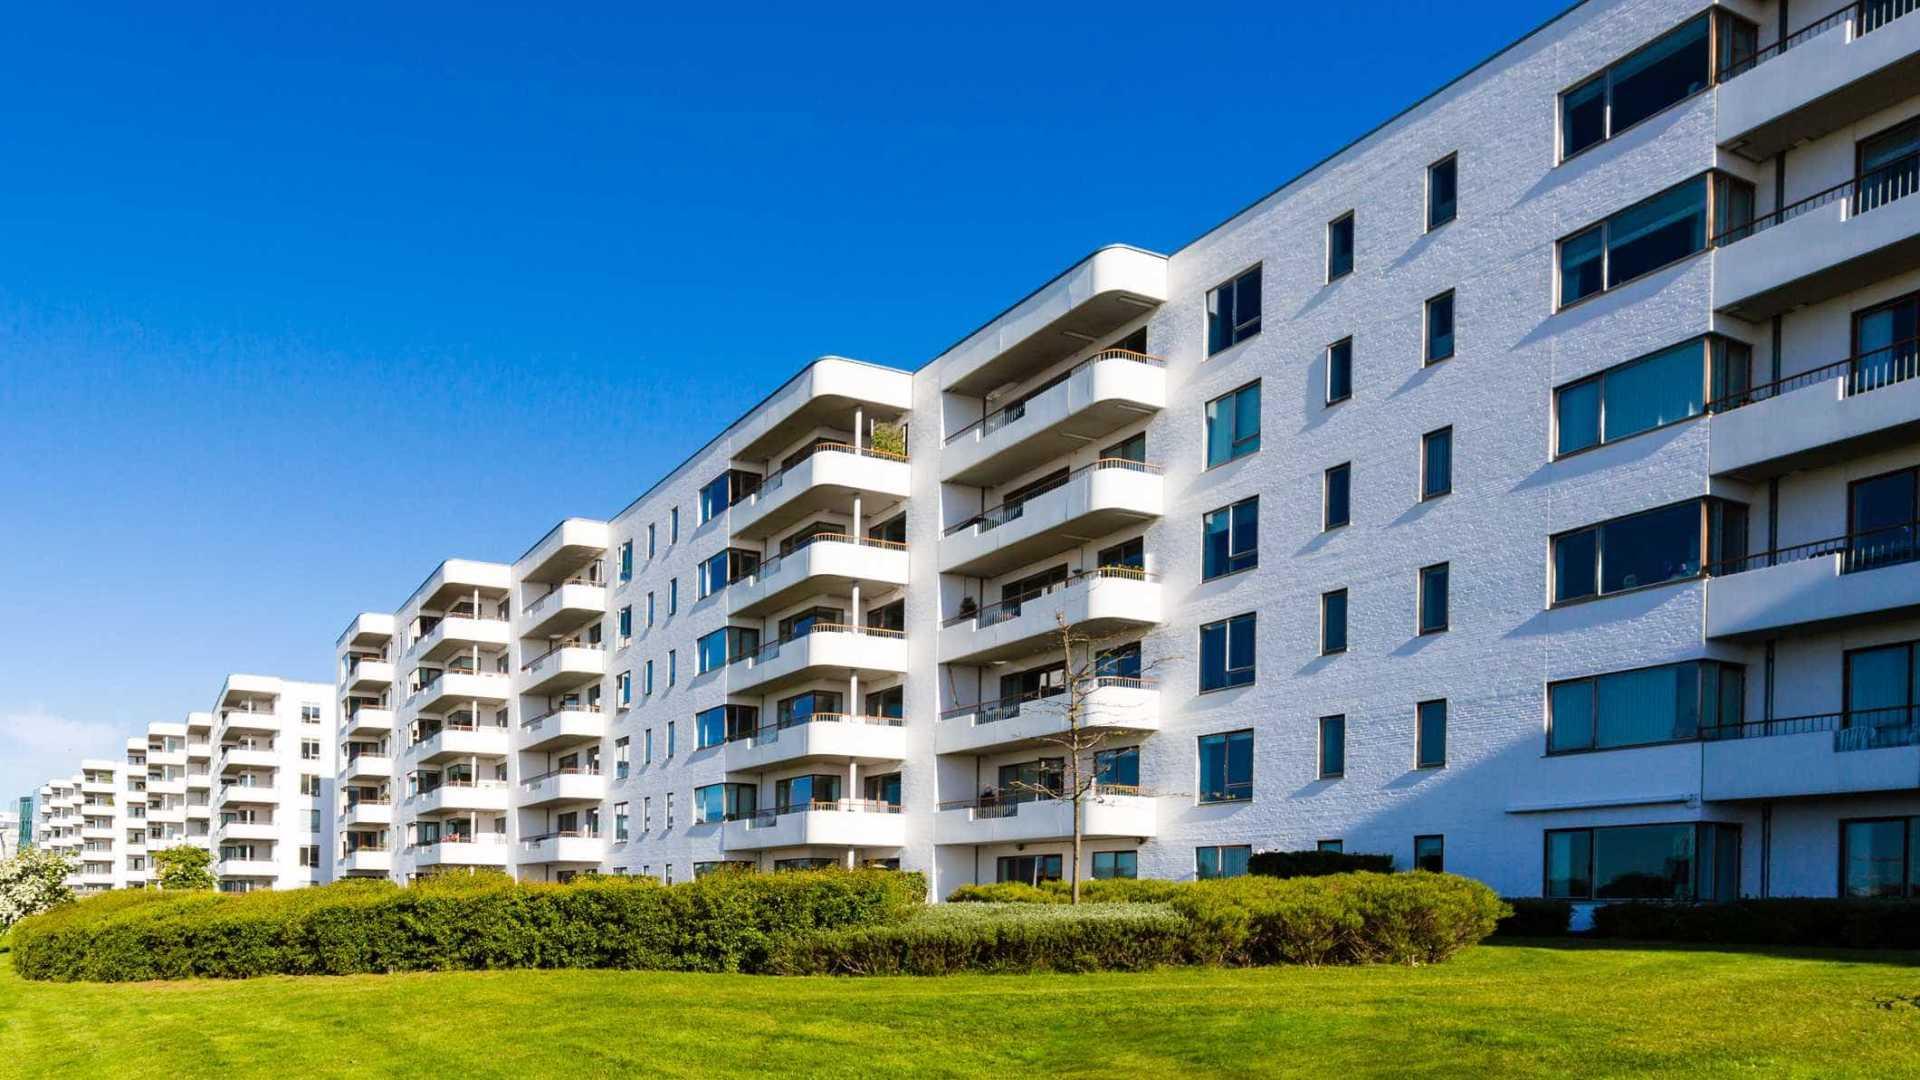 8870db5e59 Preço das casas continua a subir em Portugal. No primeiro trimestre ...